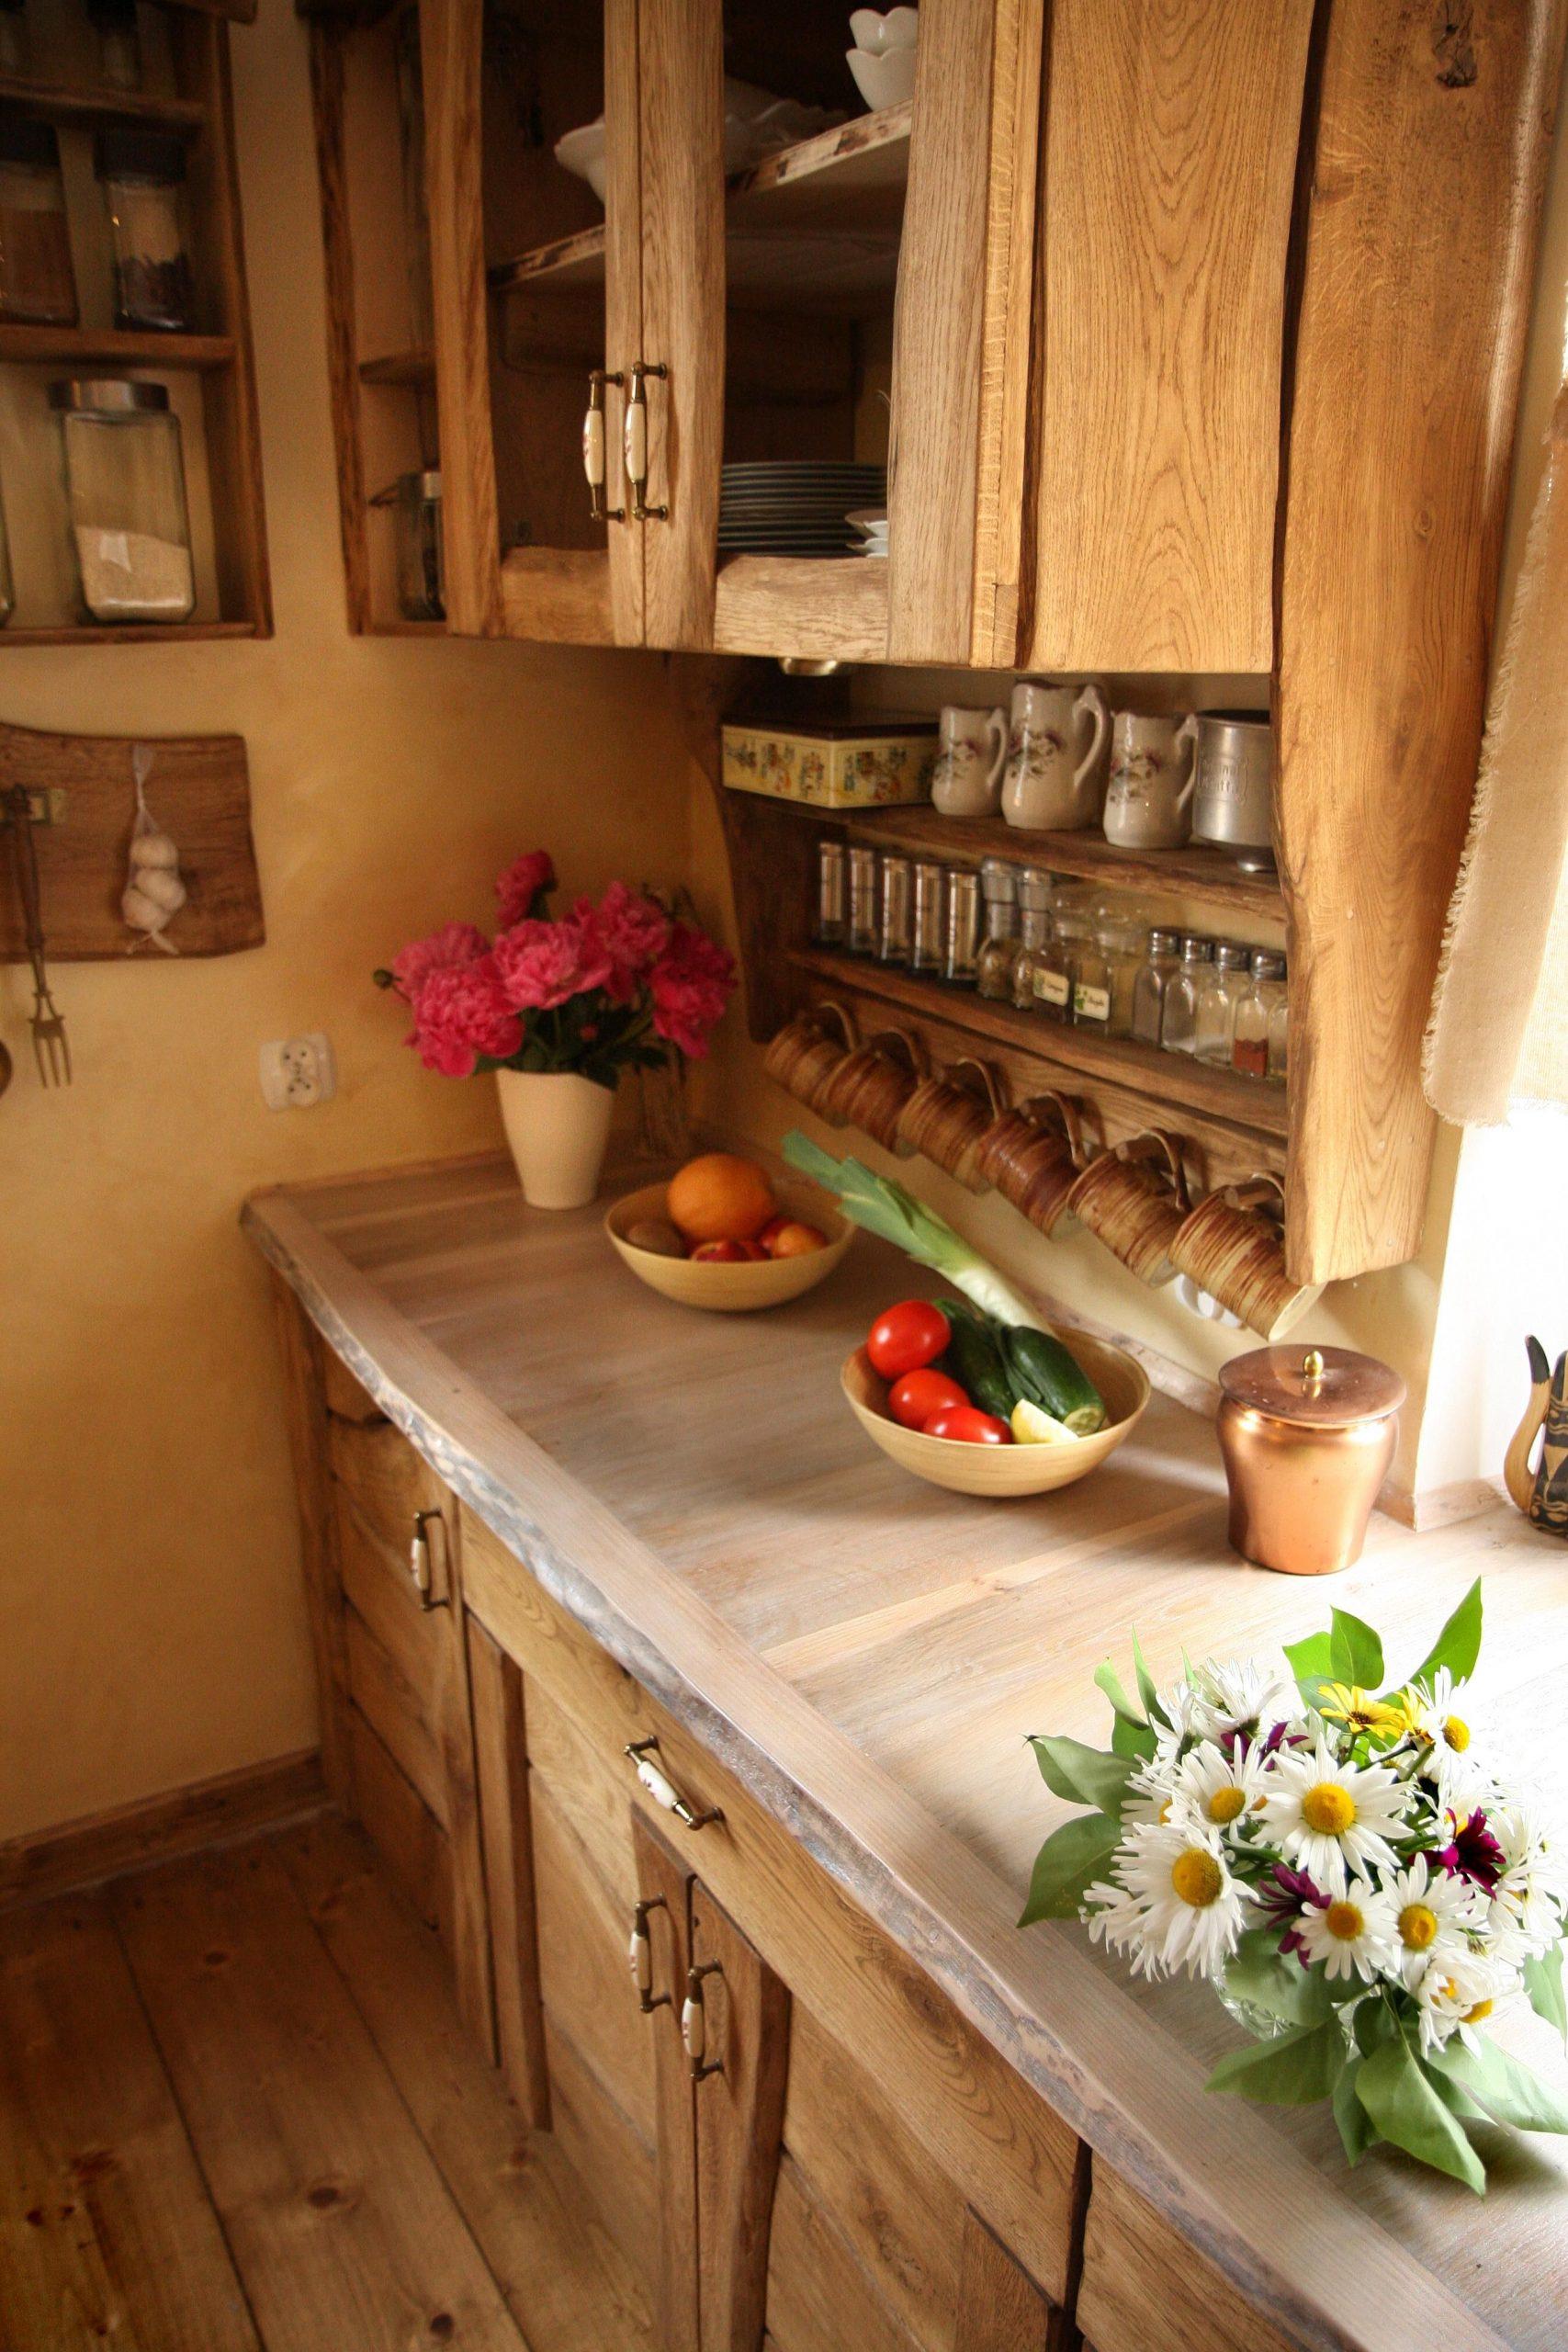 Full Size of Tchibo Holzküche Kinder Alte Holzküche Streichen Holzküche Vor Und Nachteile Holzküche Neu Lackieren Küche Holzküche